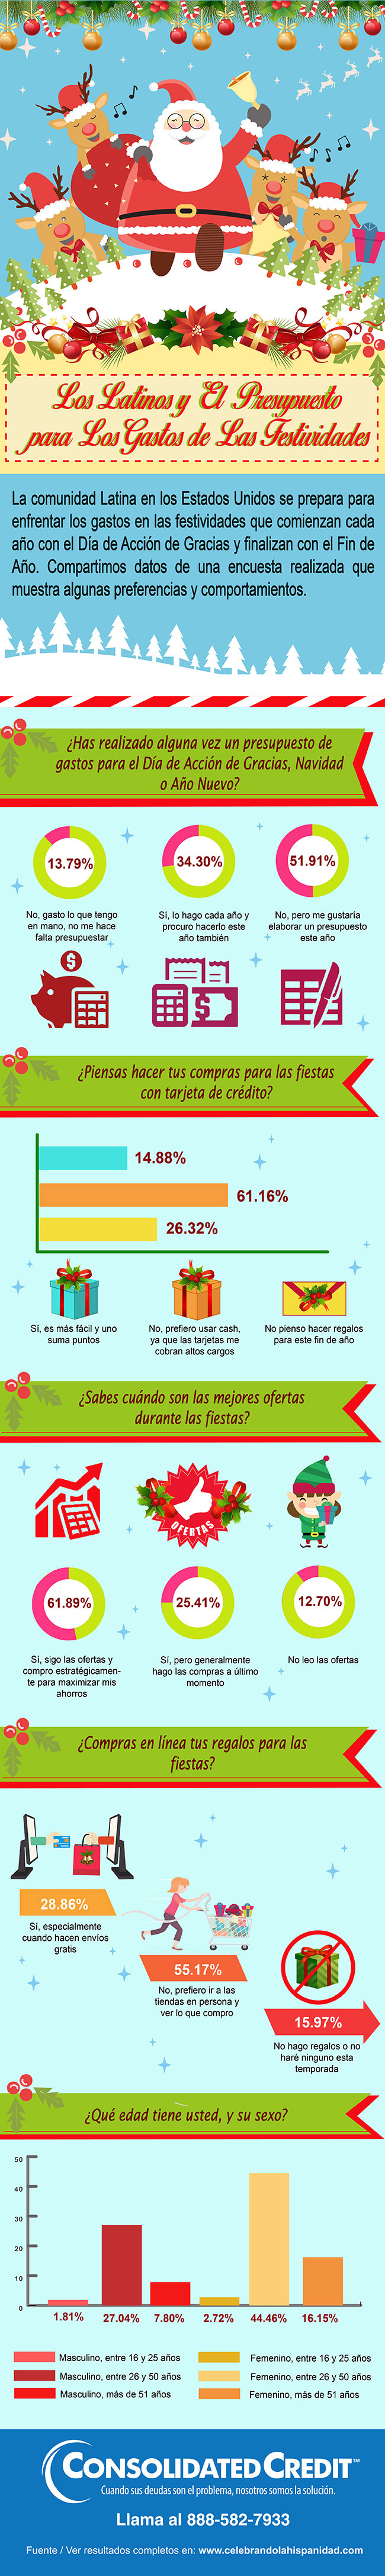 Infografia-Latinos-y-el-Uso-de-Tarjetas-de-Credito-fuente